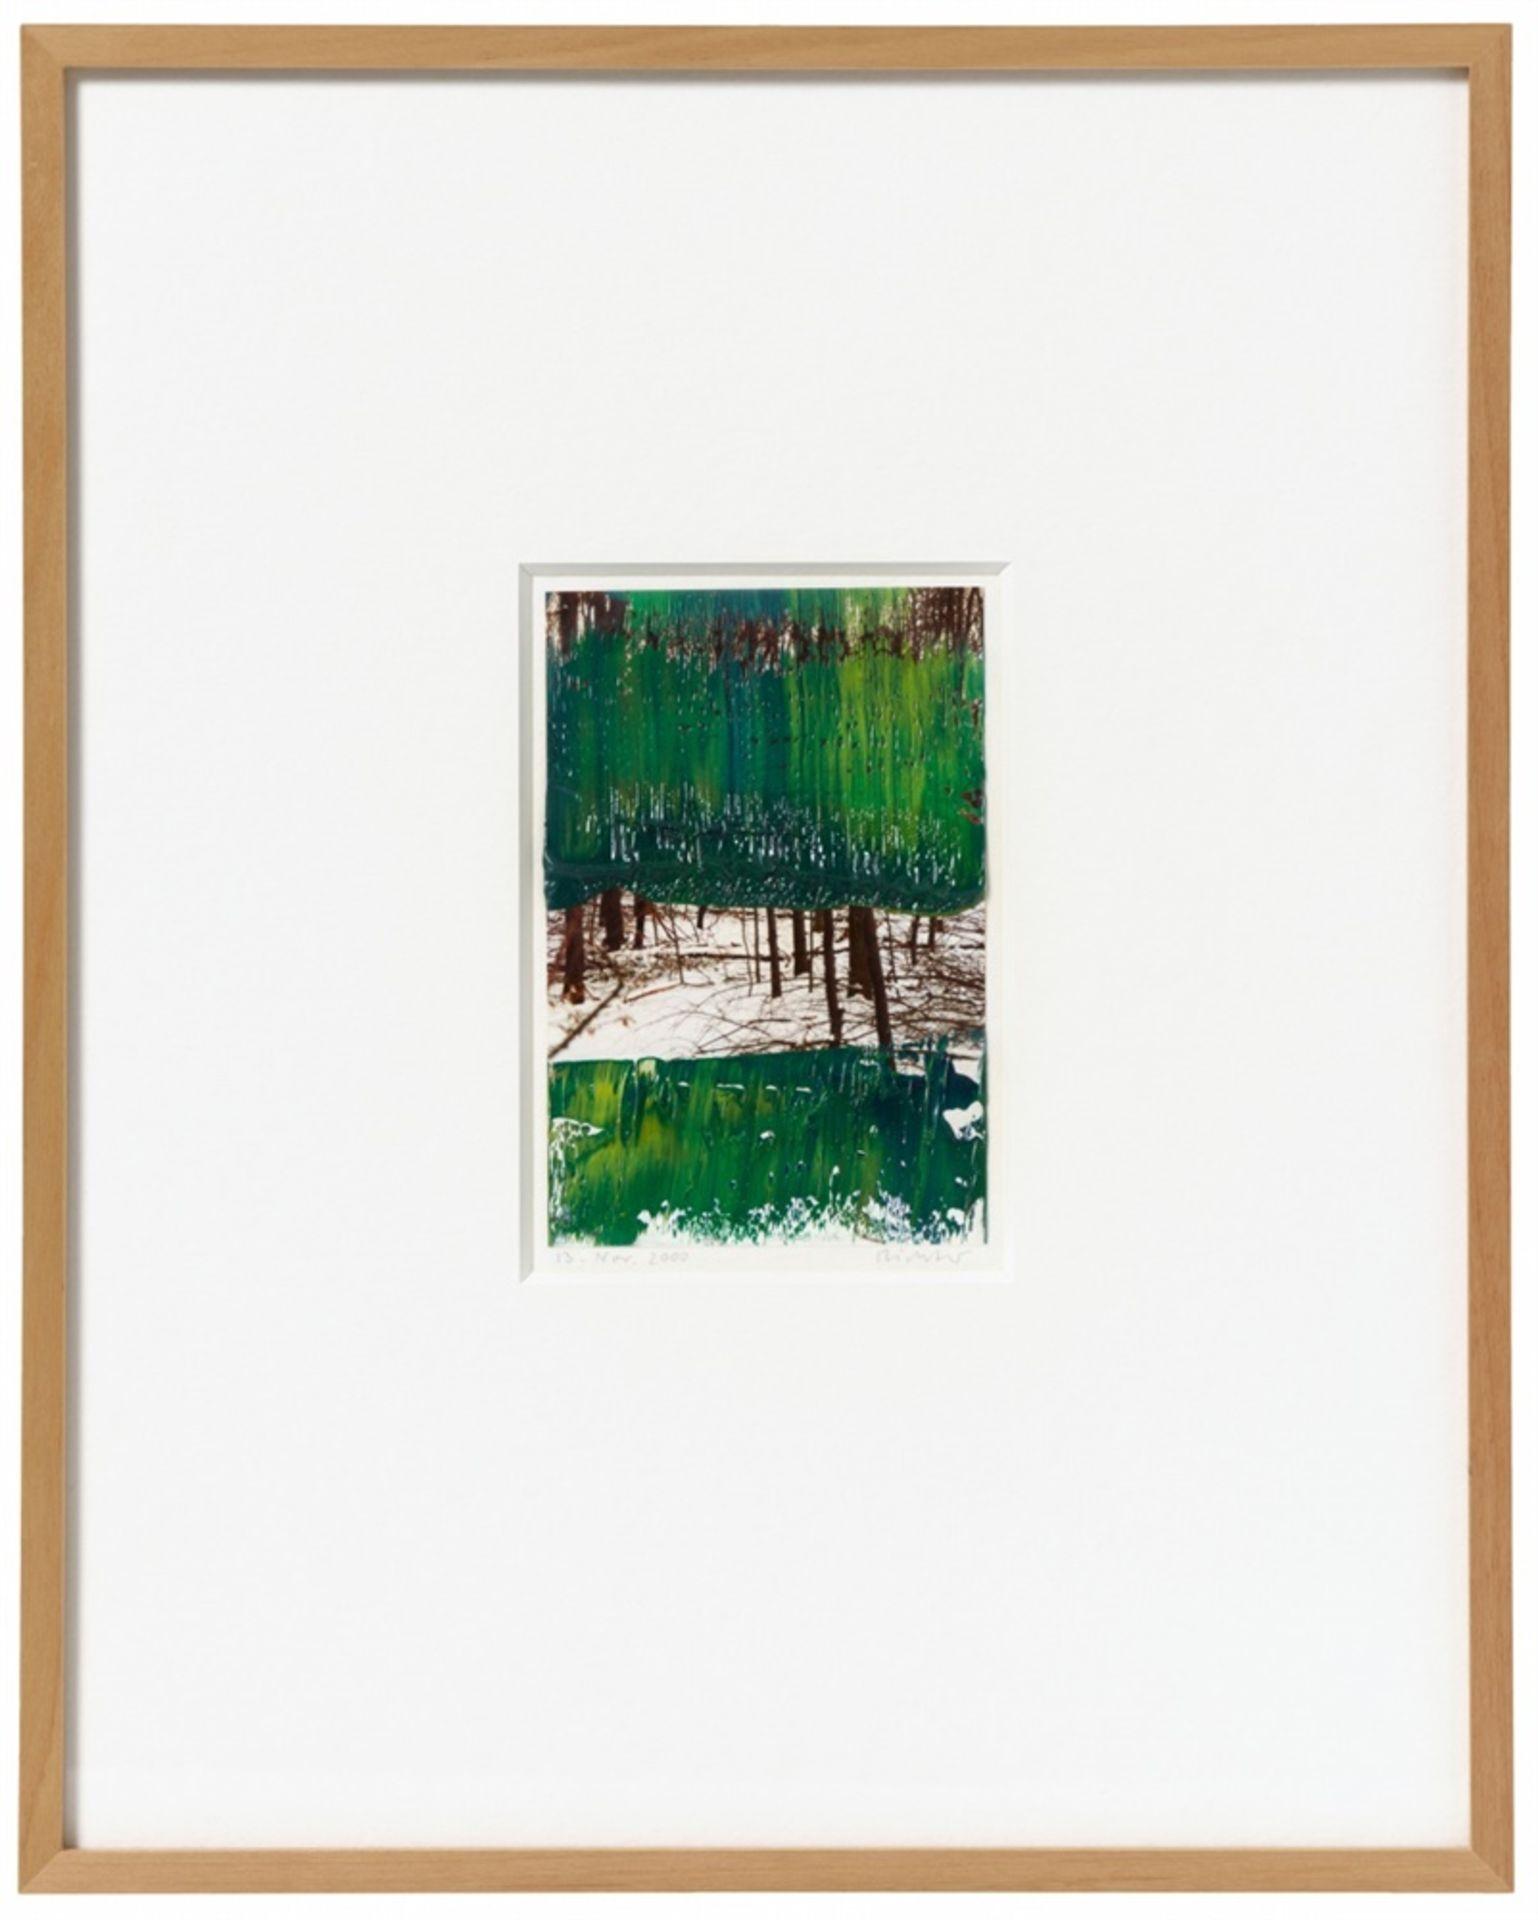 Gerhard Richter13. Nov. 2000 - Bild 2 aus 2